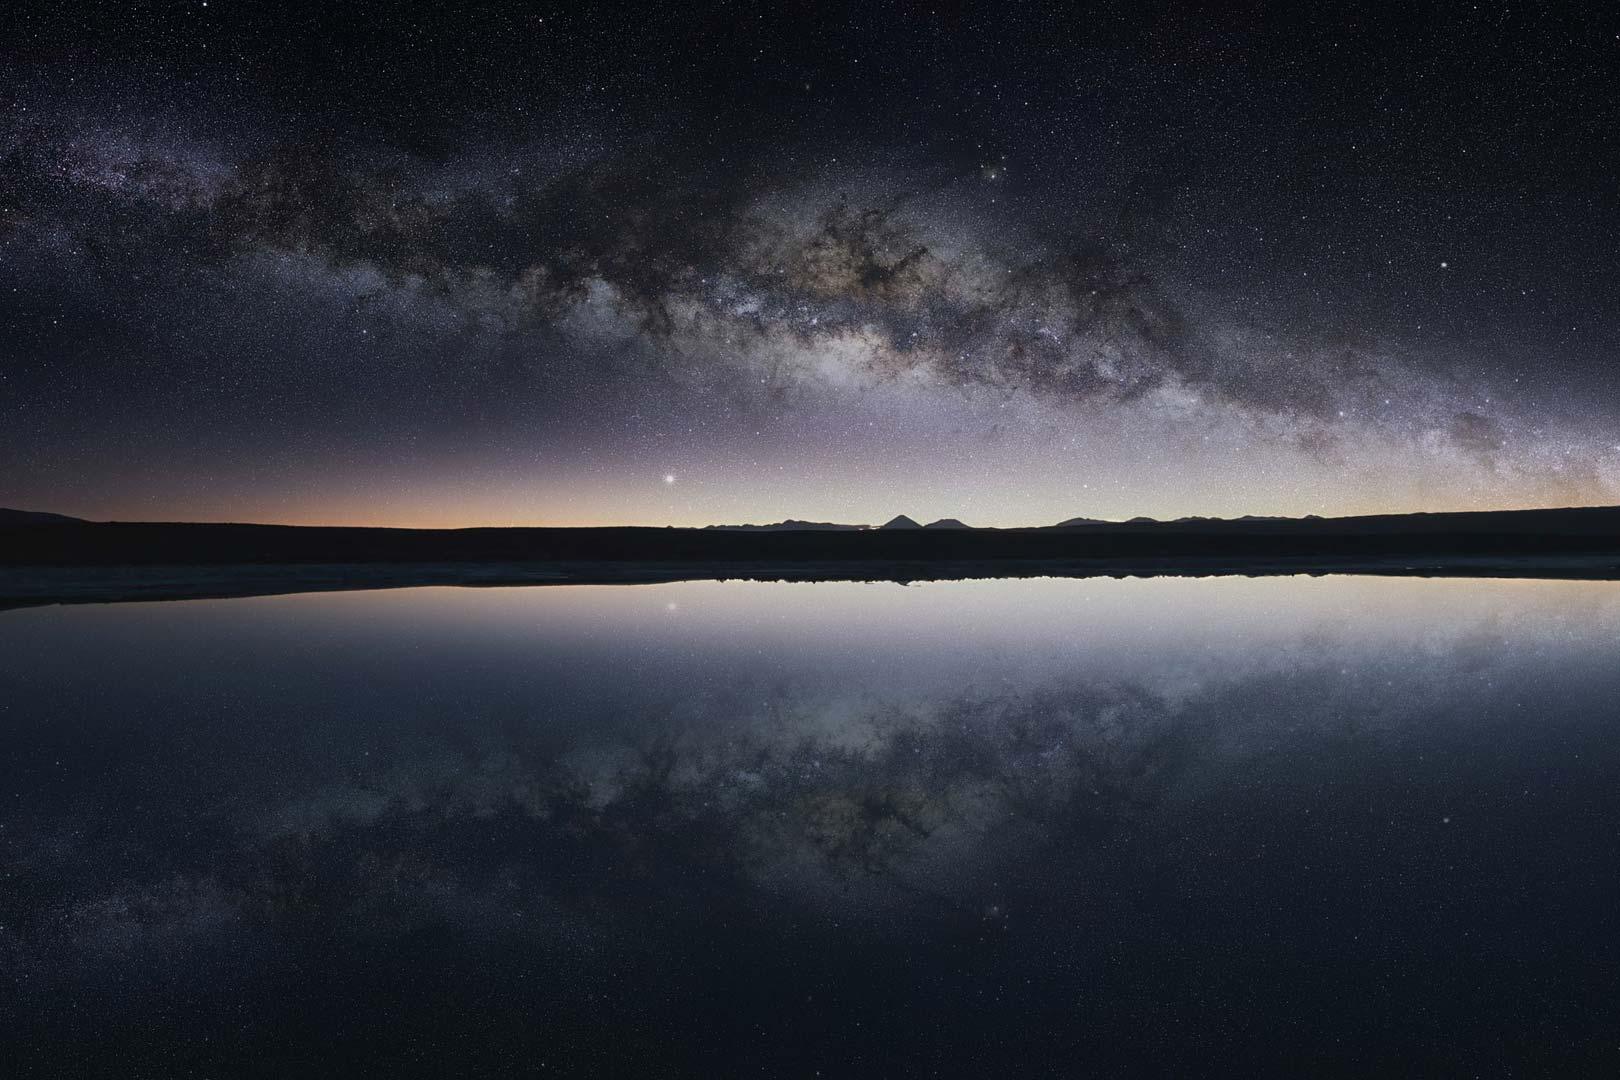 stary-sky-in-atacama-desert